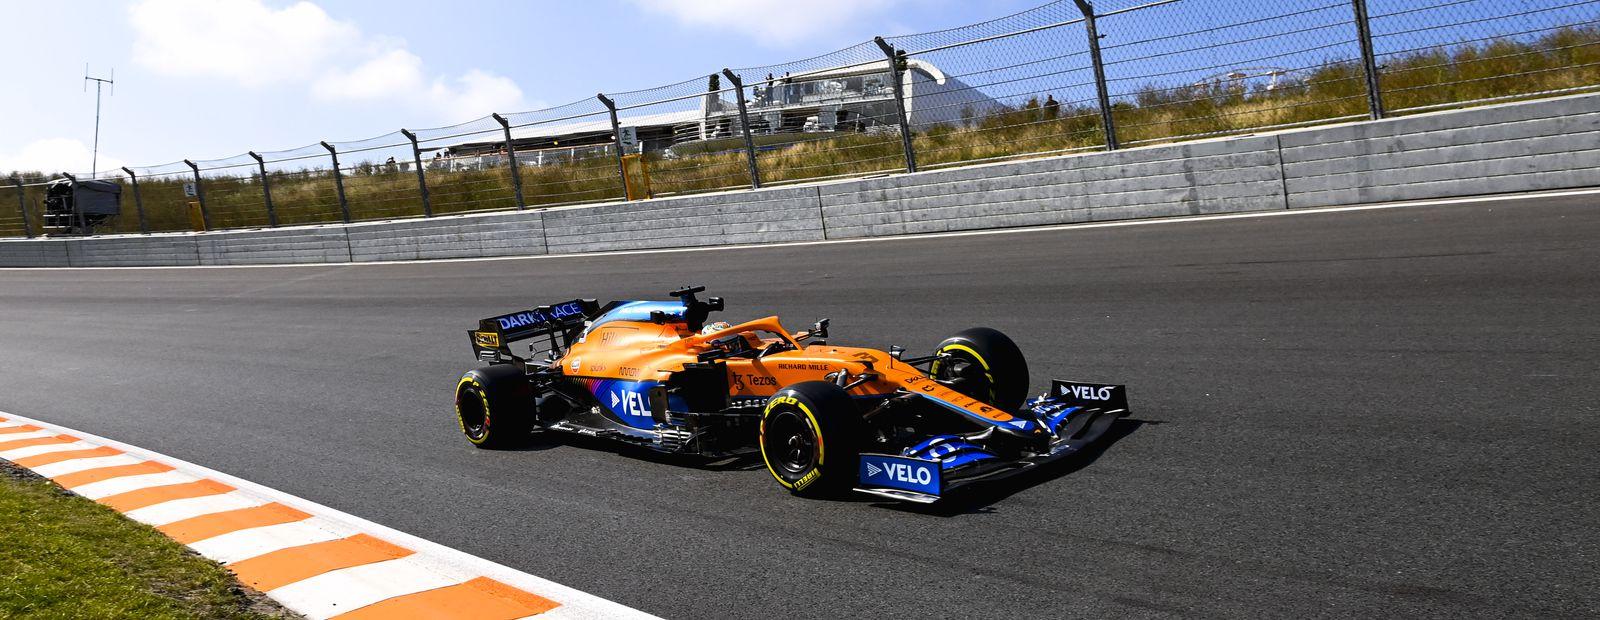 Gran Premio de Holanda 2021 - Entrenamientos libres